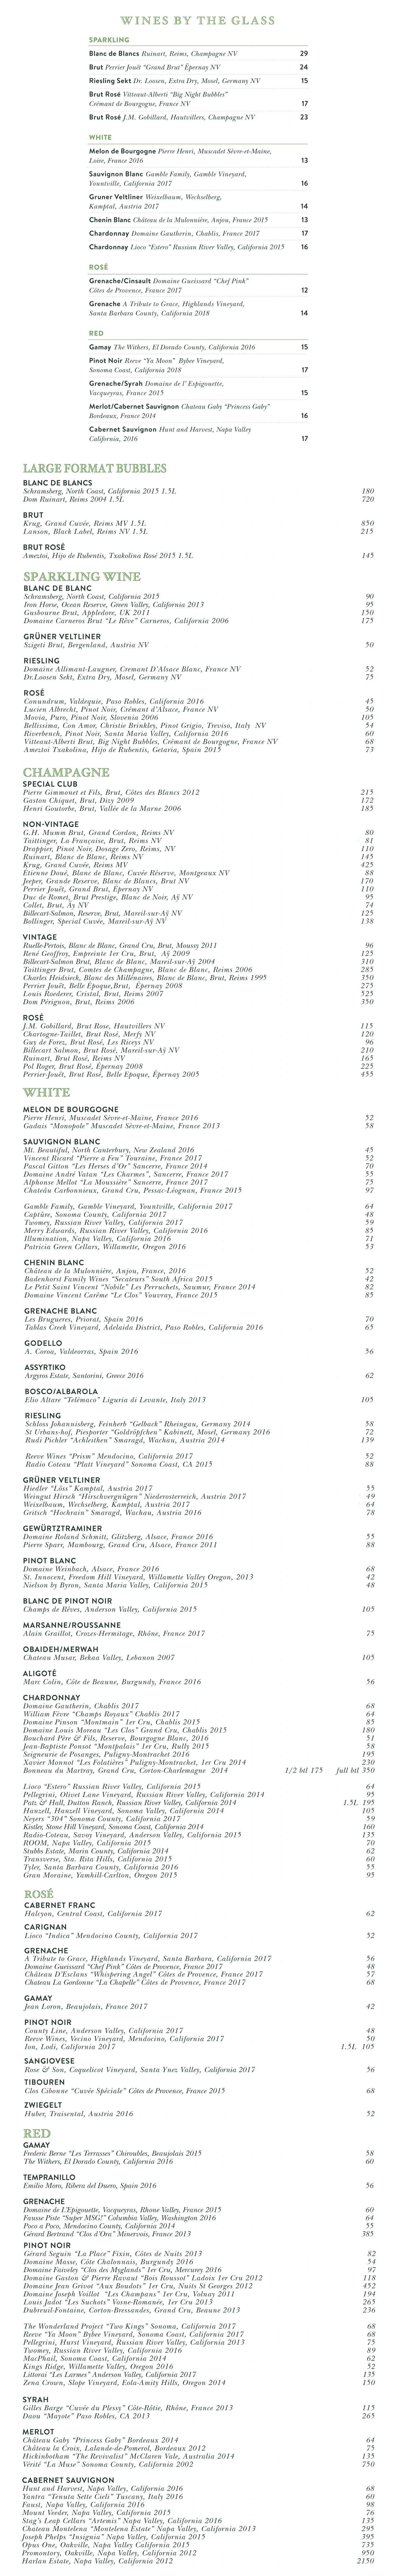 Wine-2.22.19